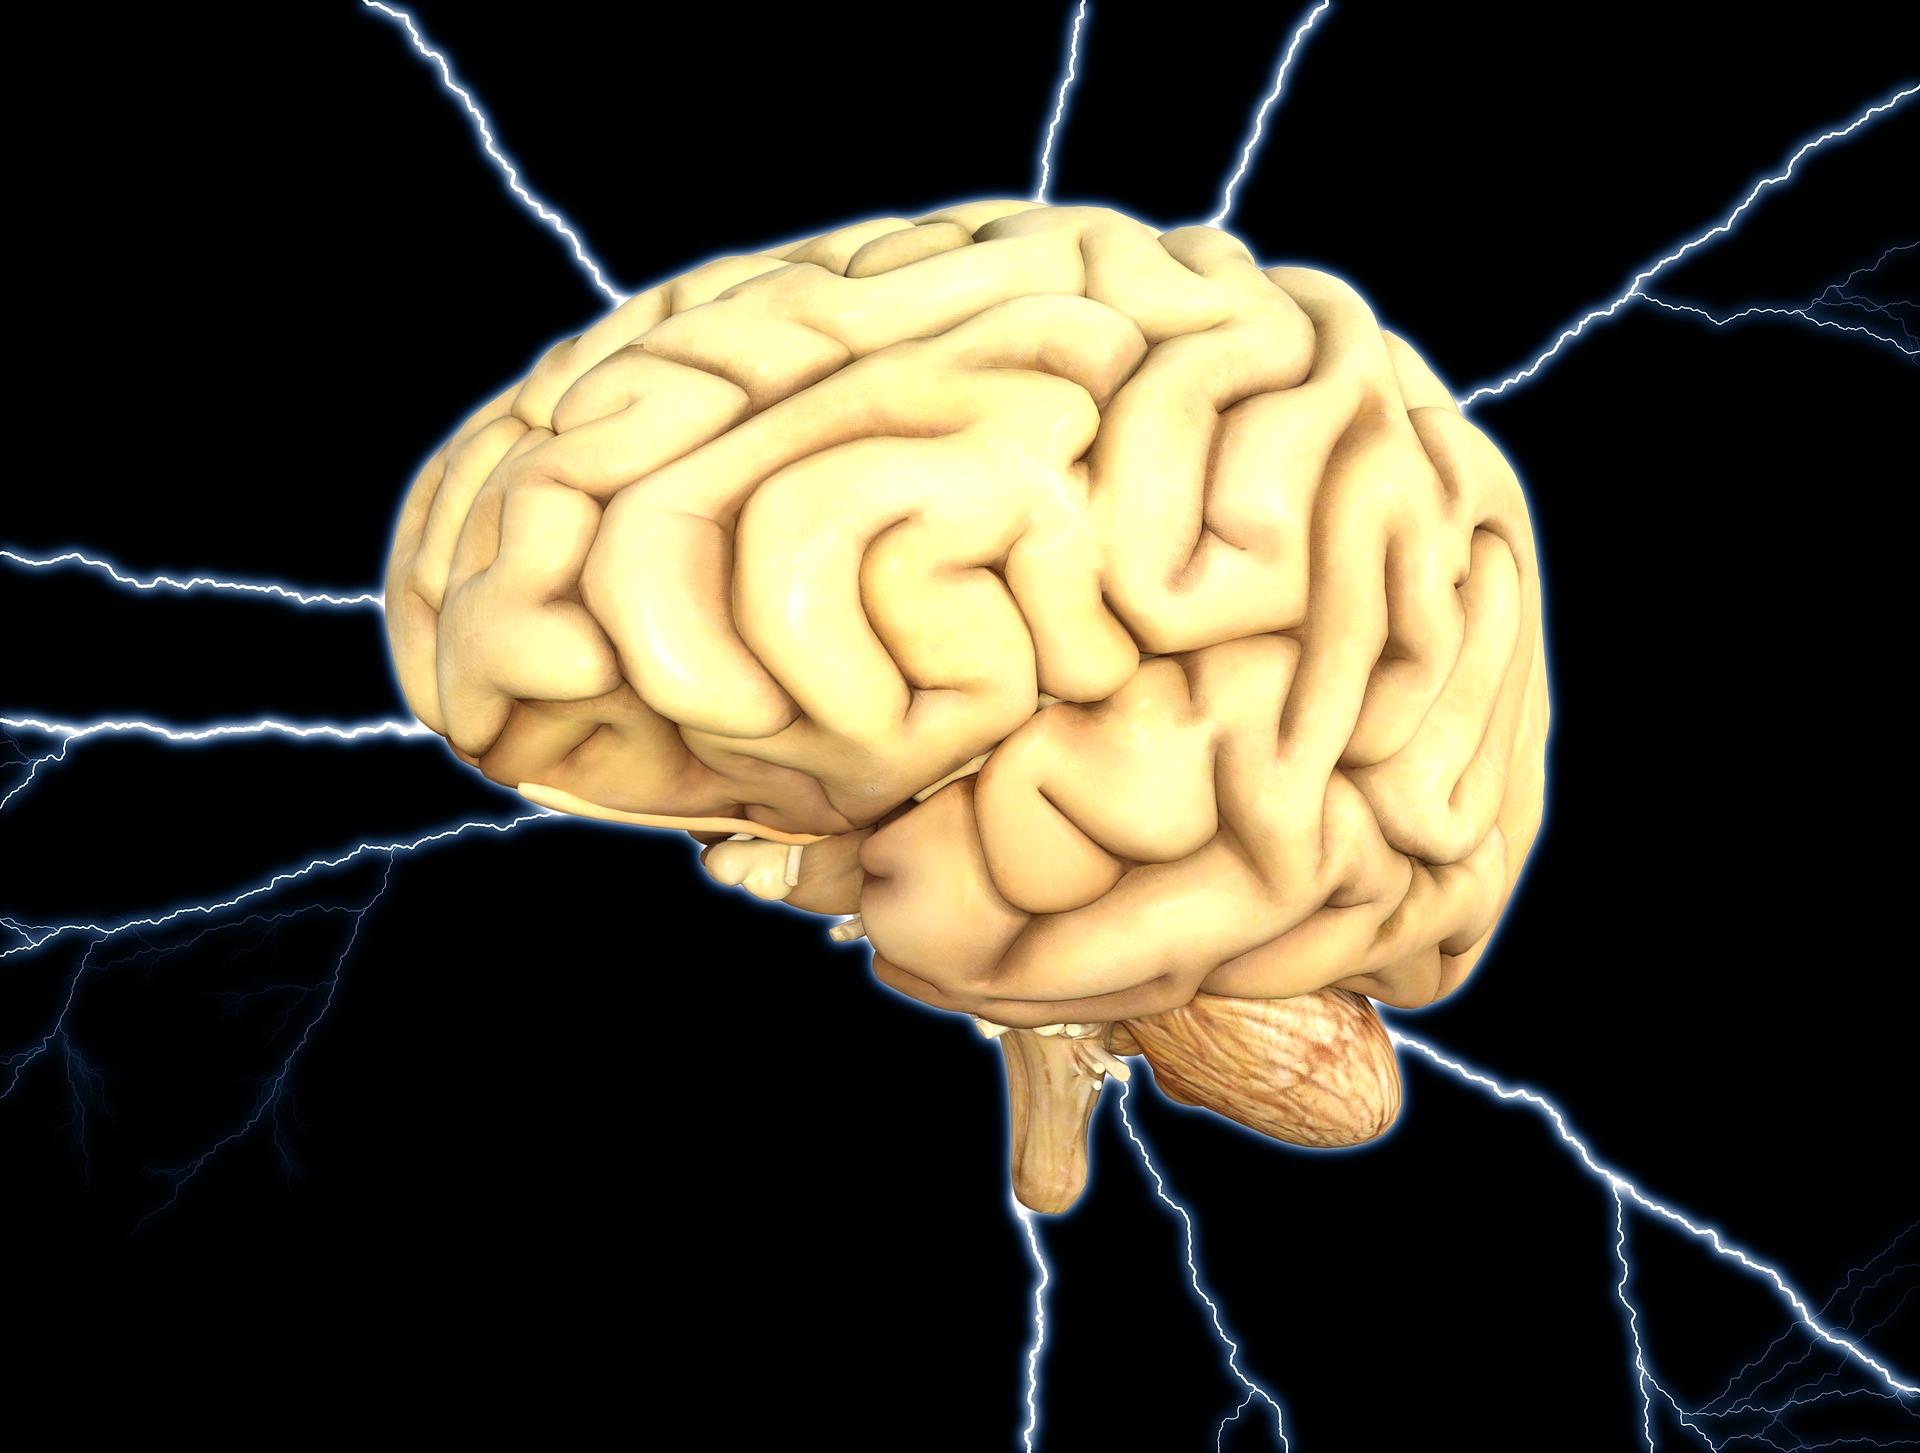 stimulezi creierul - sfatulparintilor.ro - pixabay_com - brain-1845940_1920